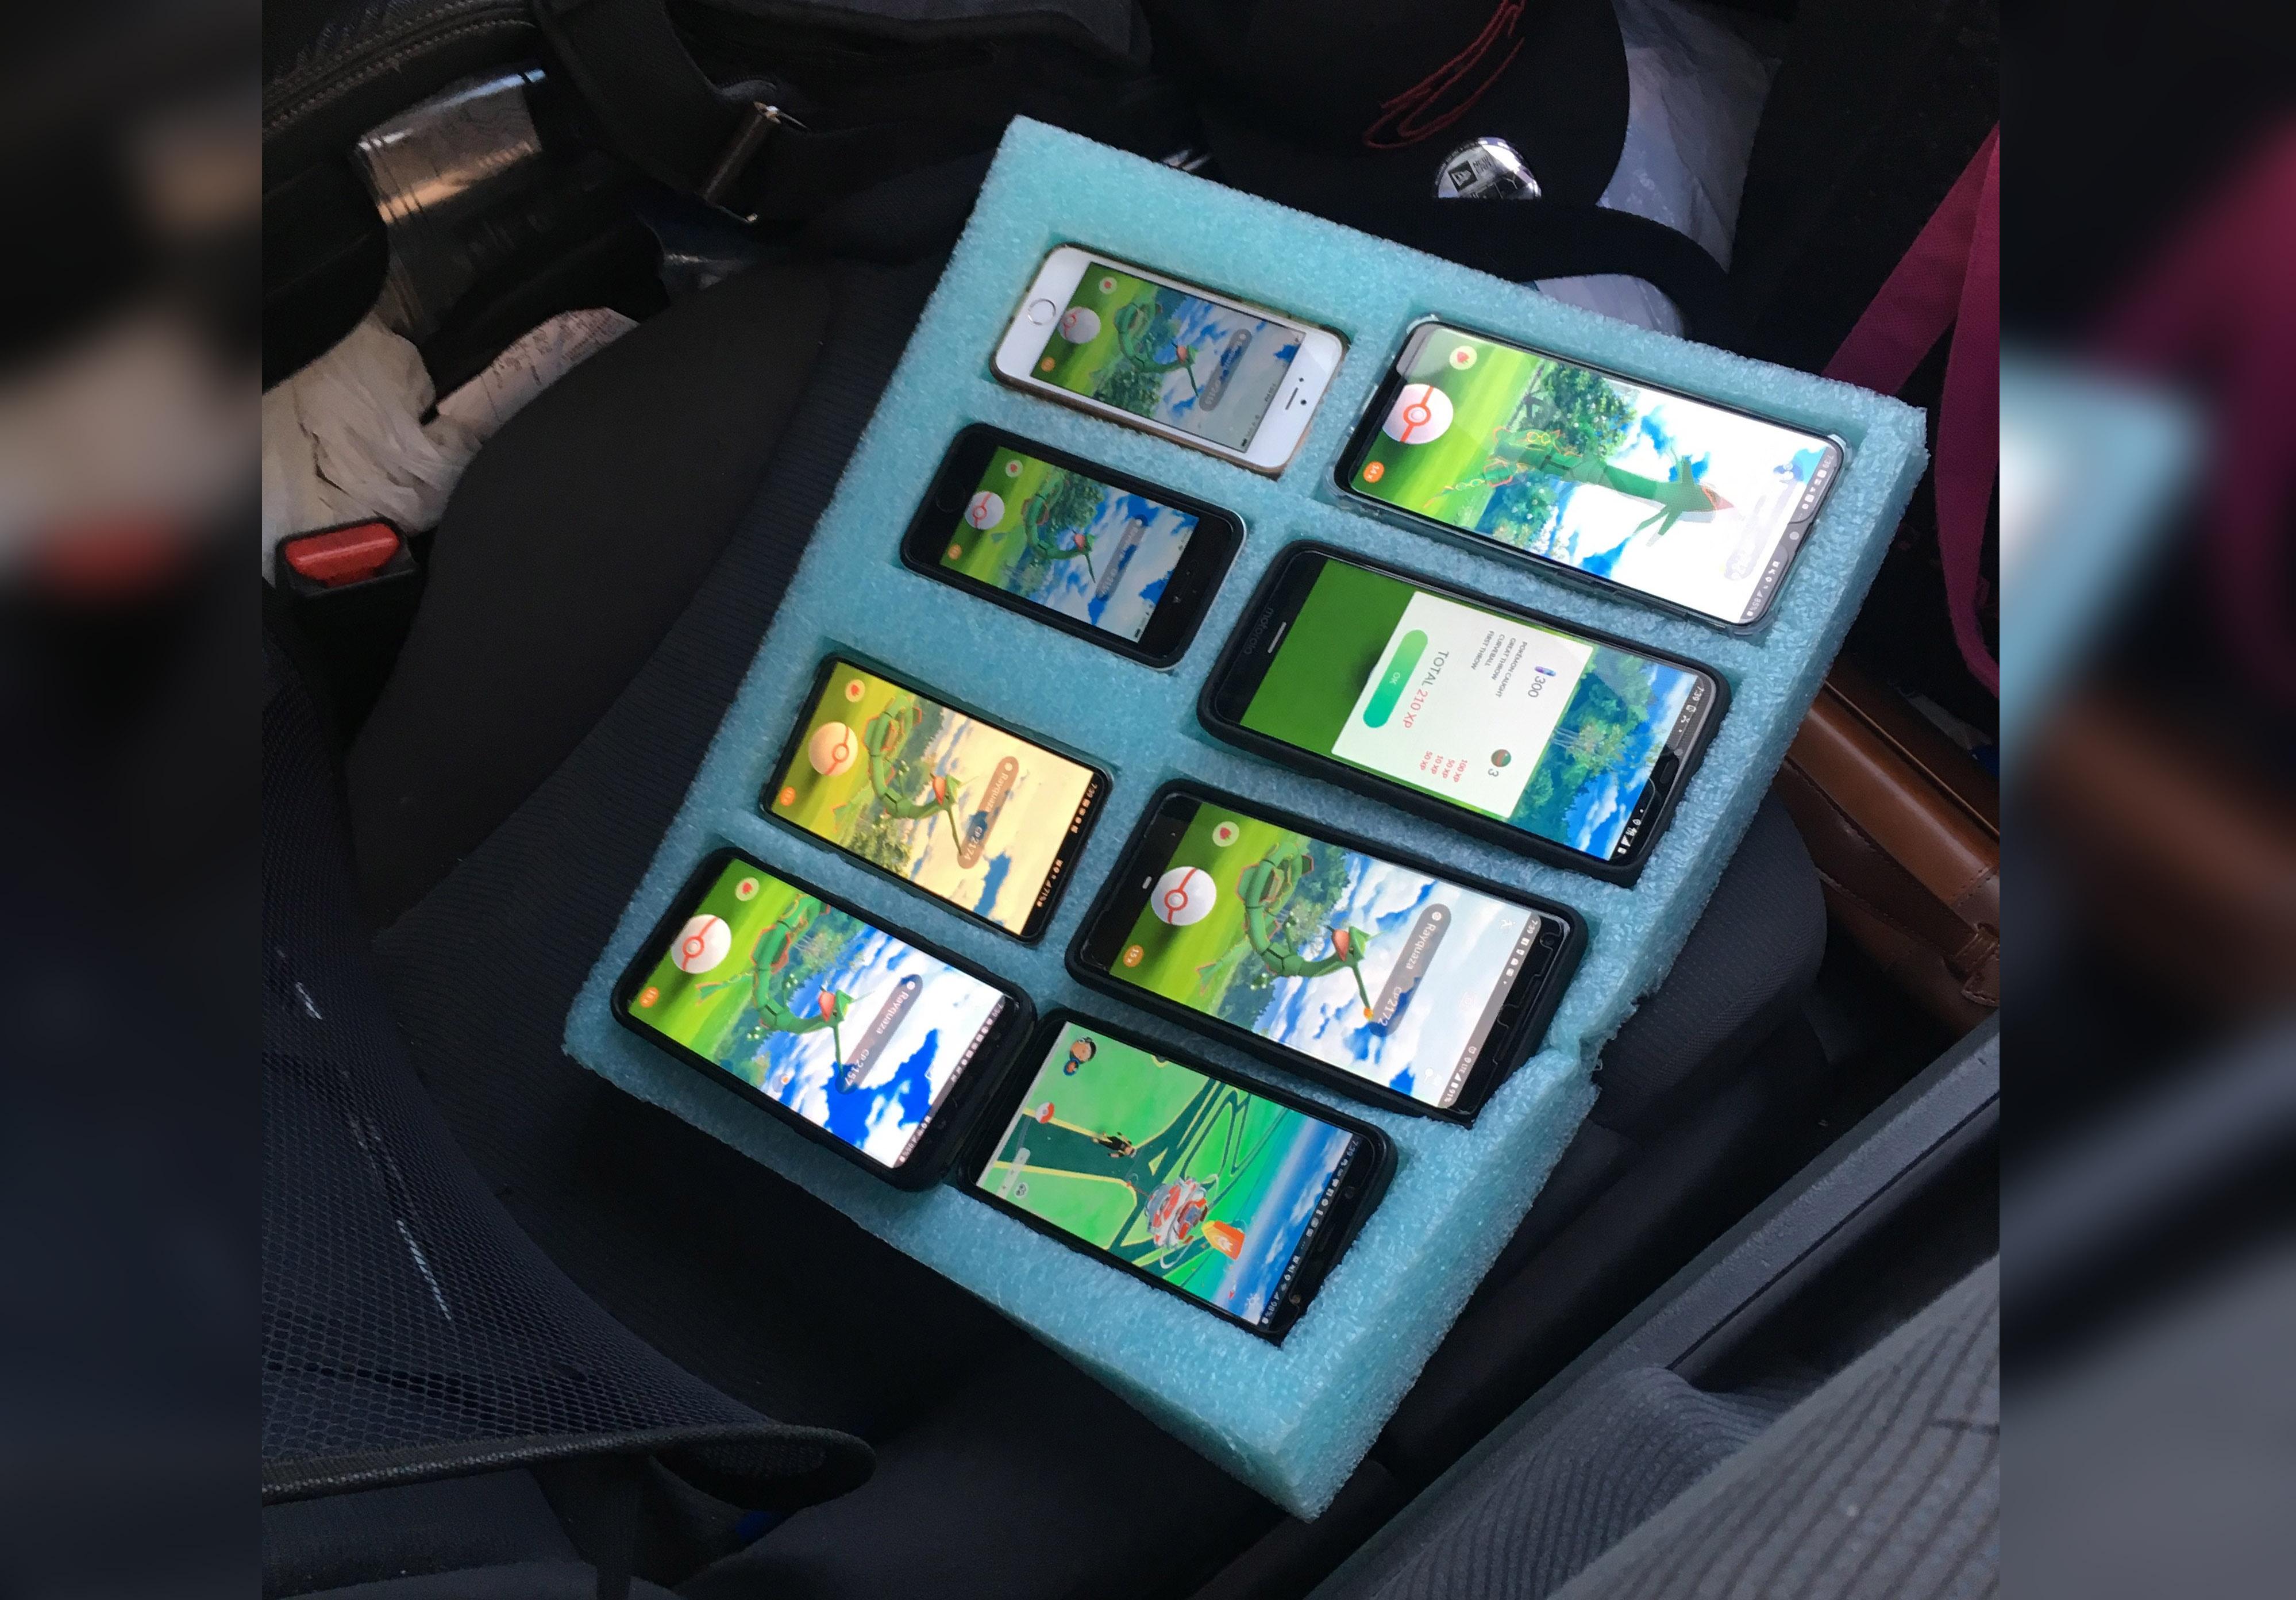 Atrapan a hombre jugando Pokémon Go en 8 teléfonos mientras manejaba